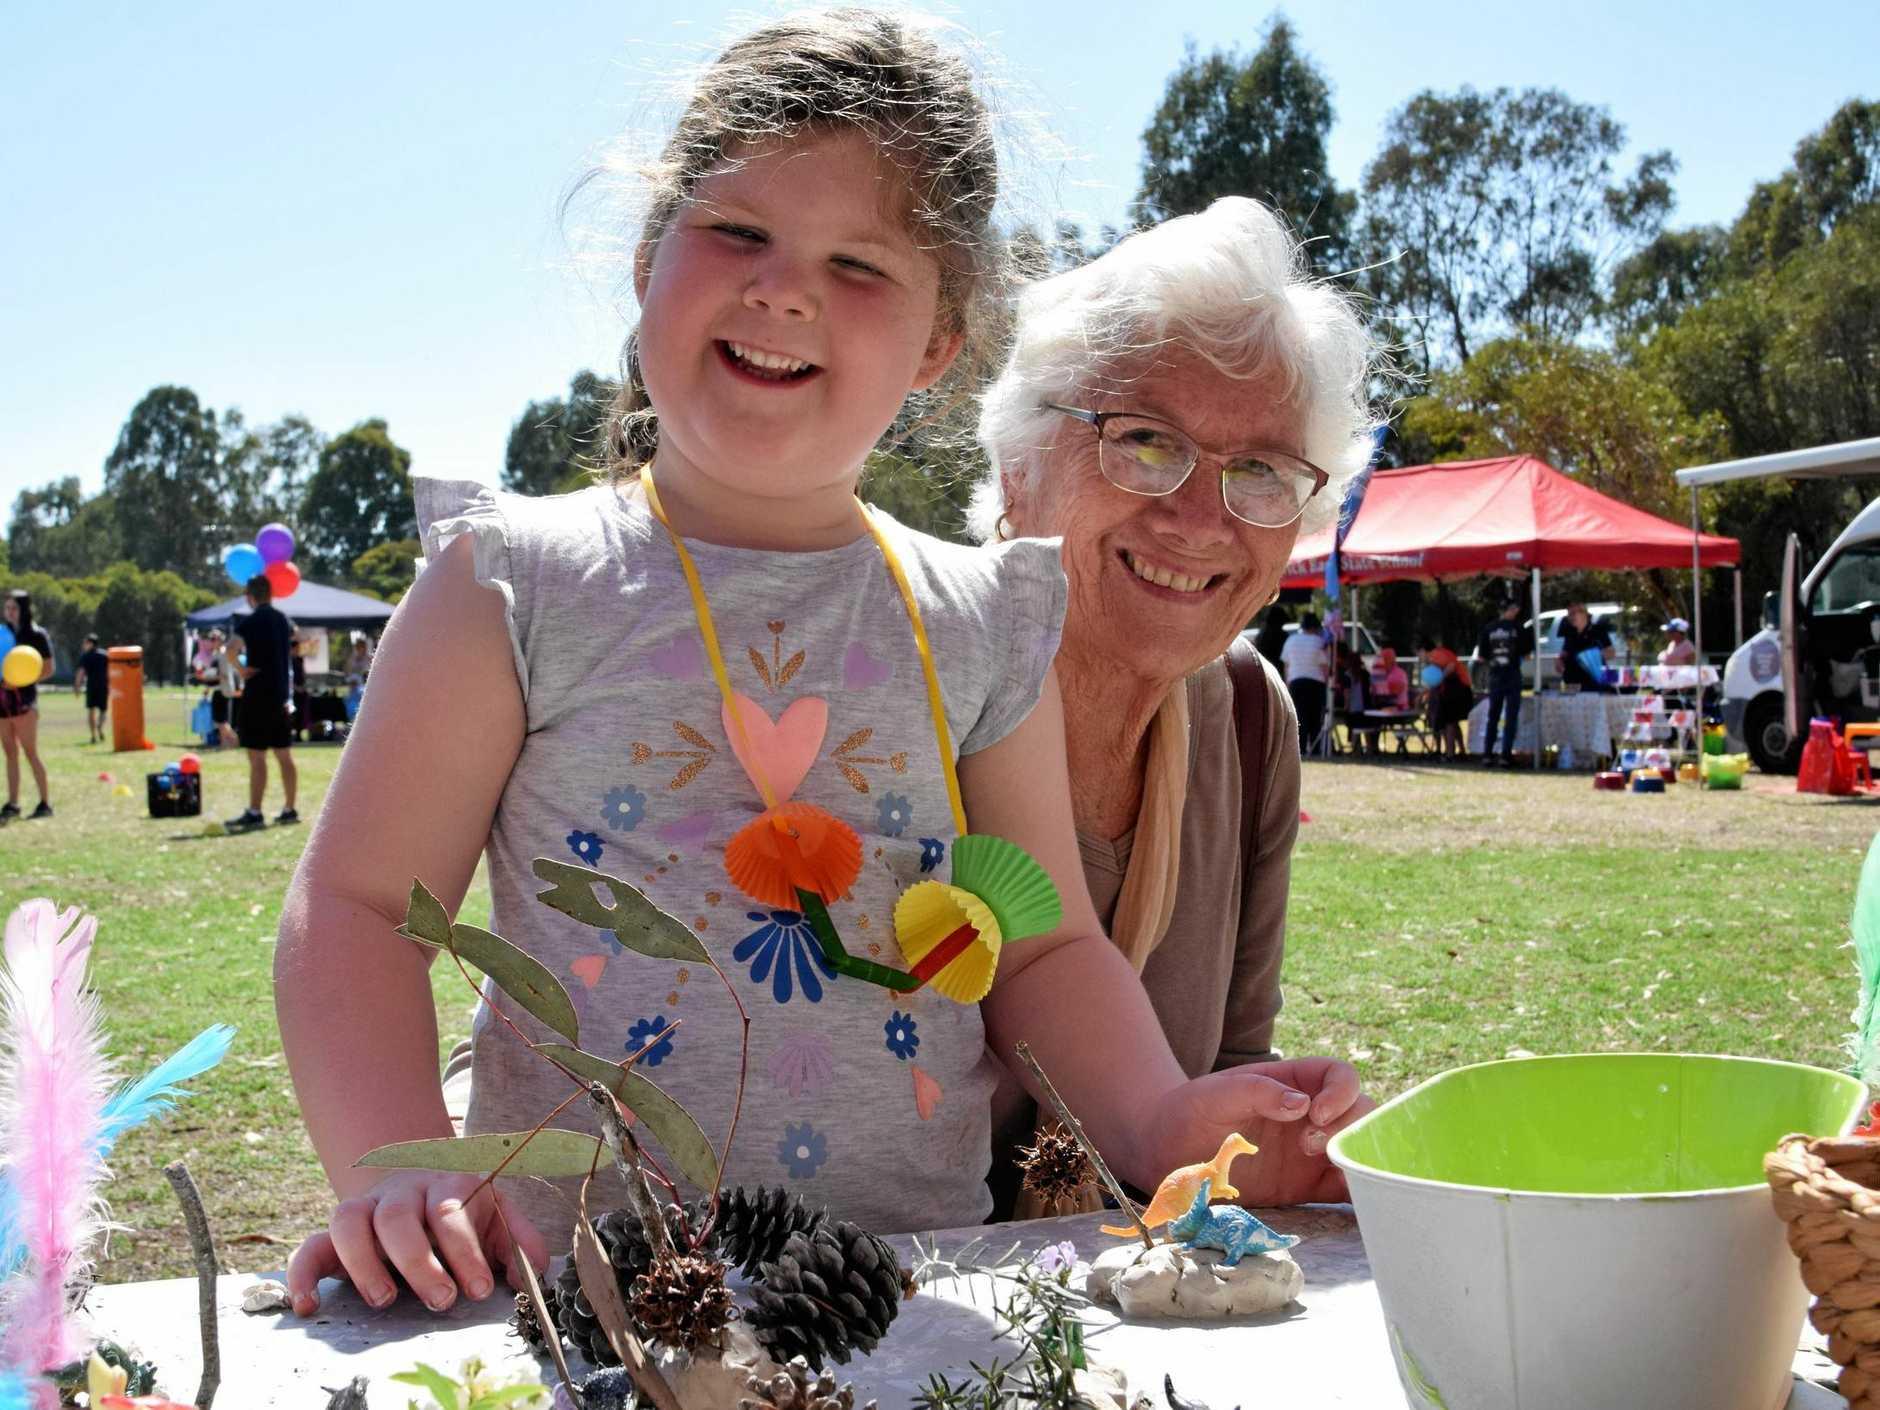 Taavi Pullen with her nanna Monica Biutterworth.